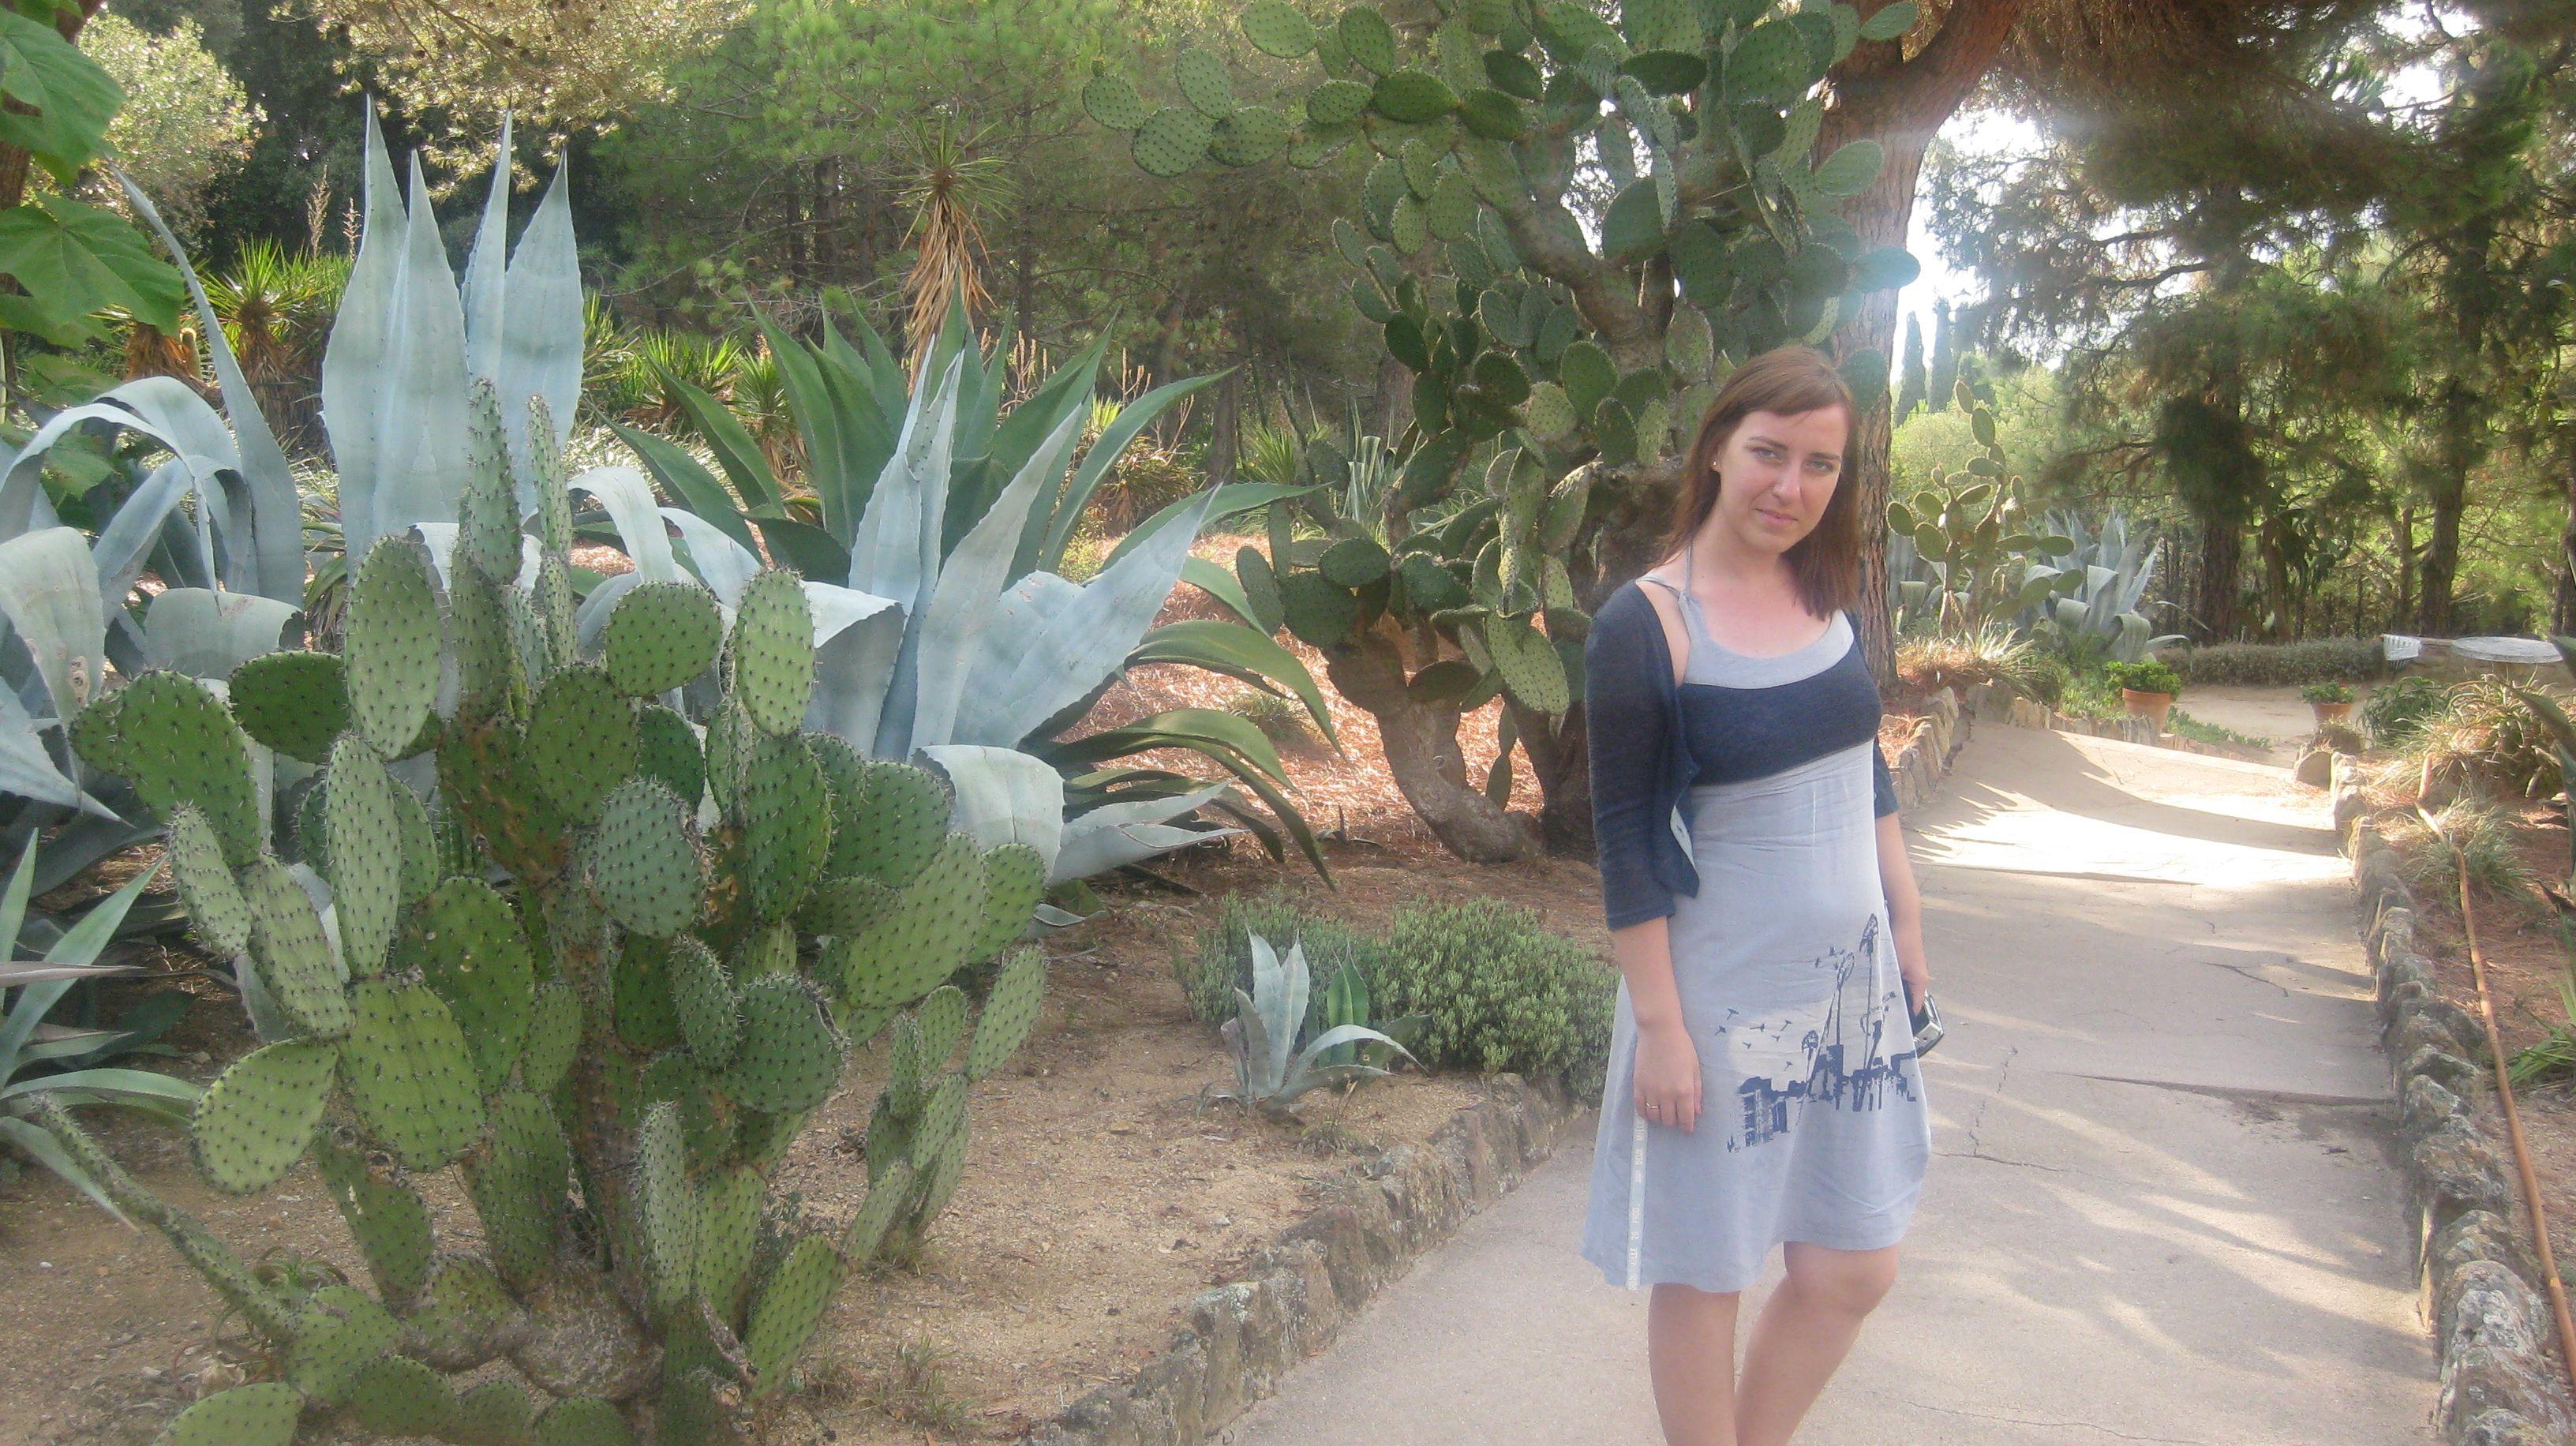 Жена Екатерина гуляет в парке кактусов в Ллорет-де-Мар.